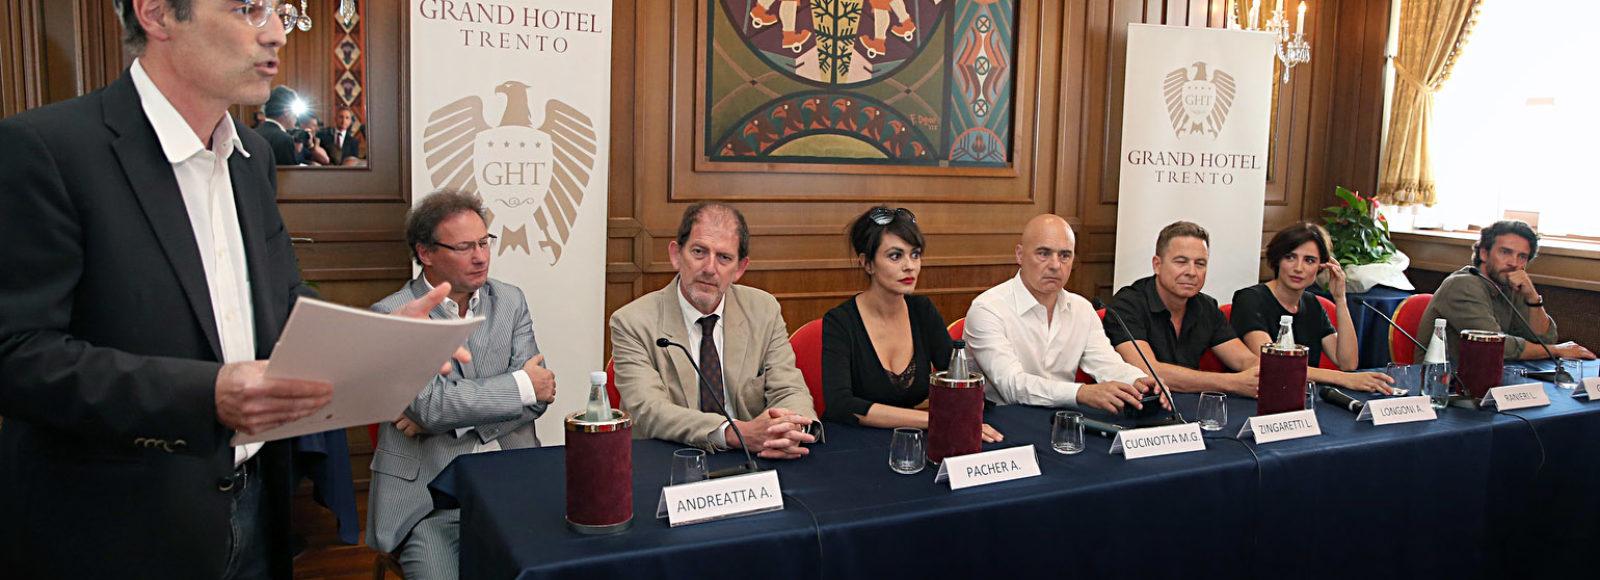 Il cast presenta alla stampa Maldamore - Trentino Film Commission f378afc4cd7